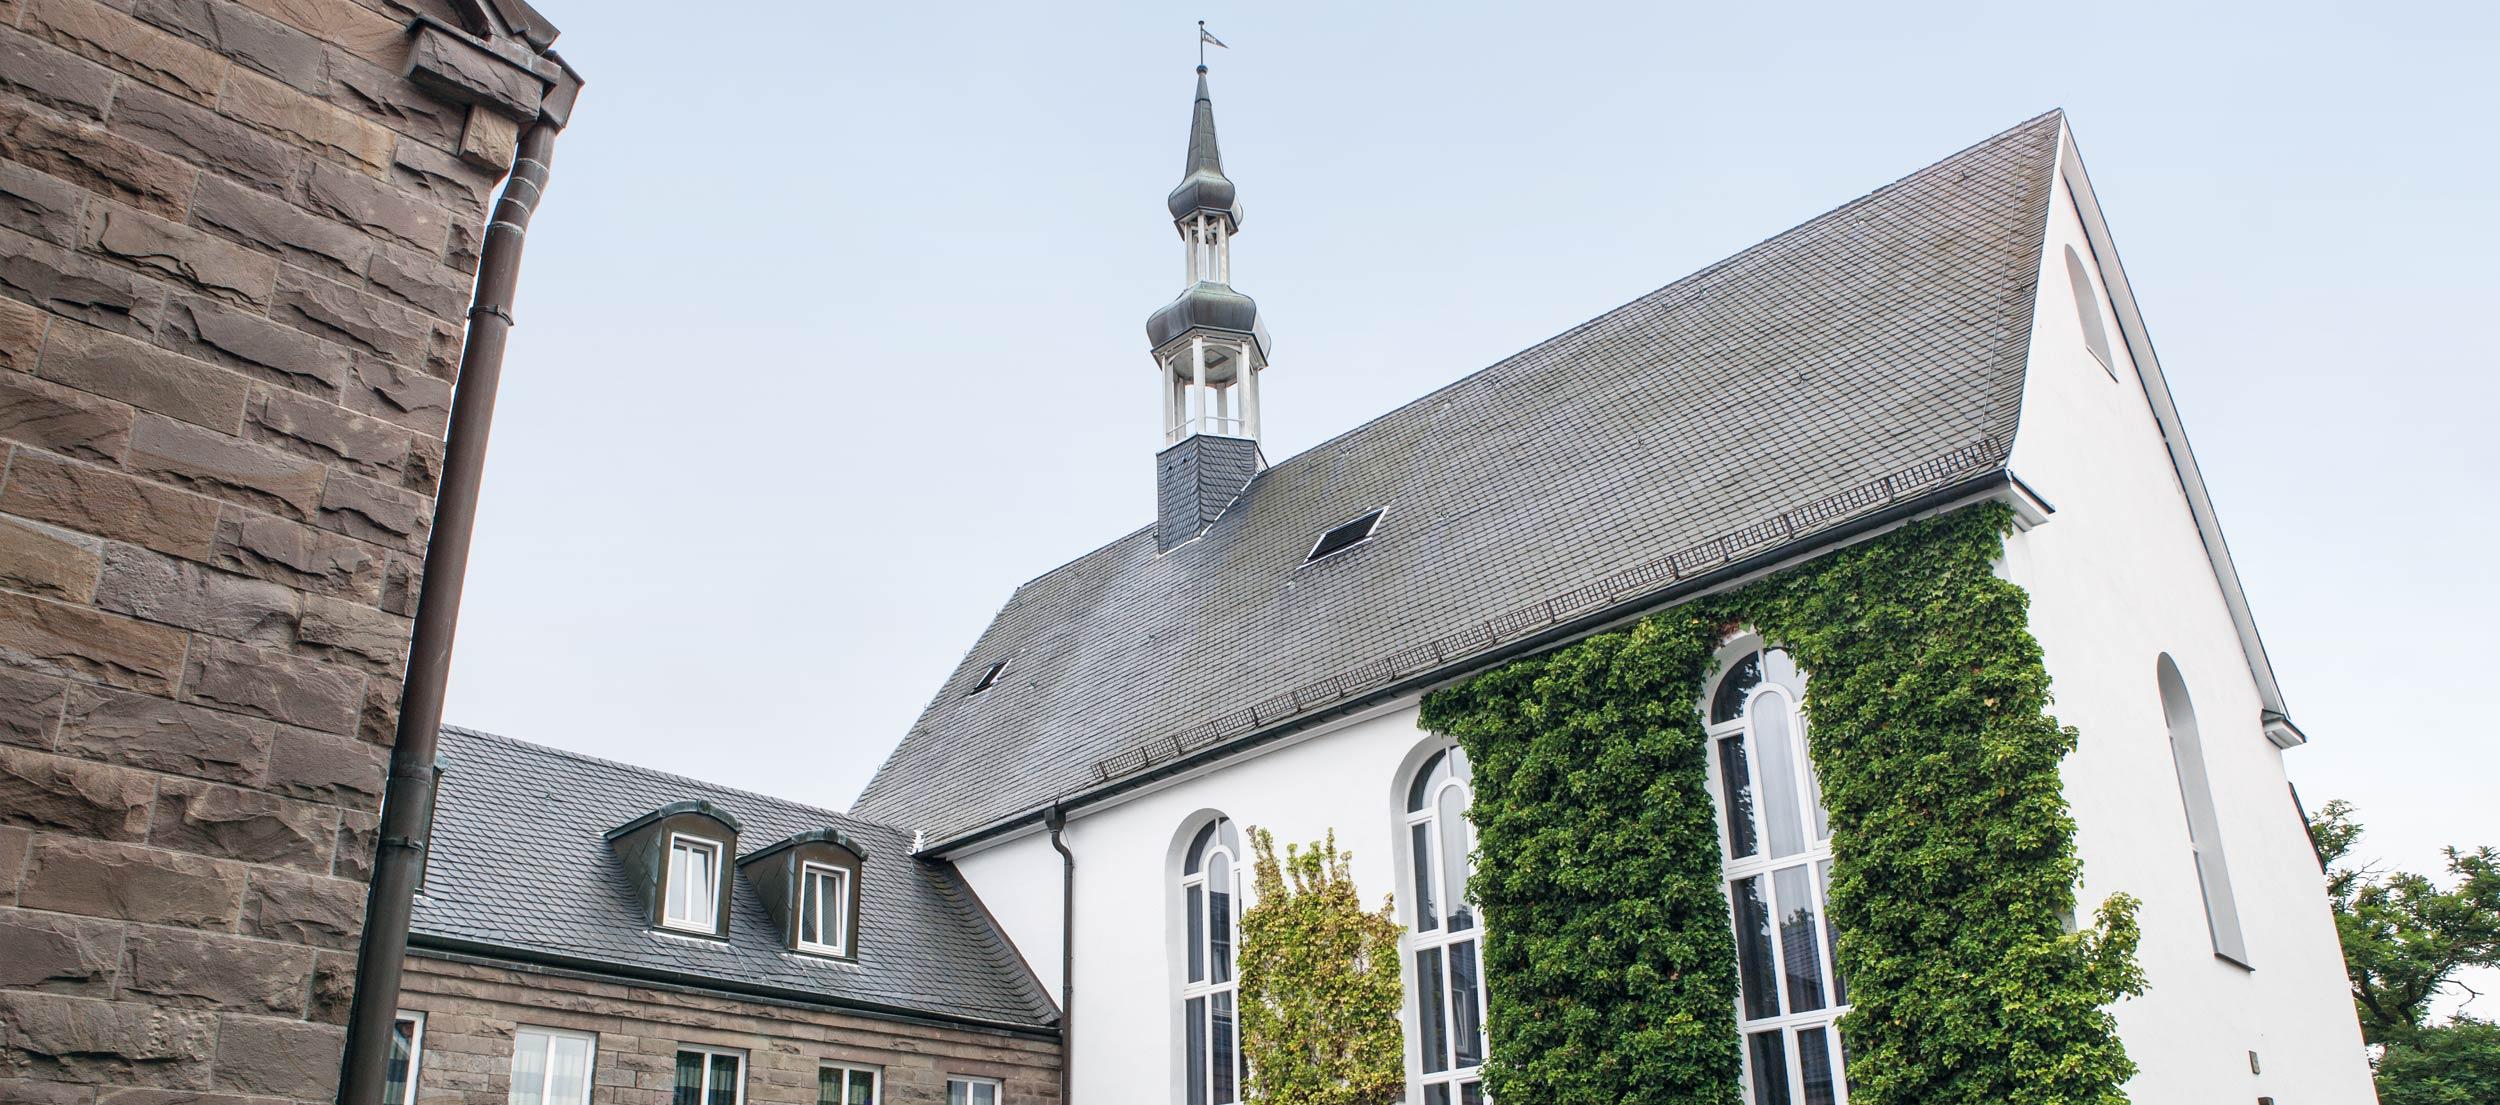 Willkommen in der Klosterschänke | Klosterschänke Remscheid